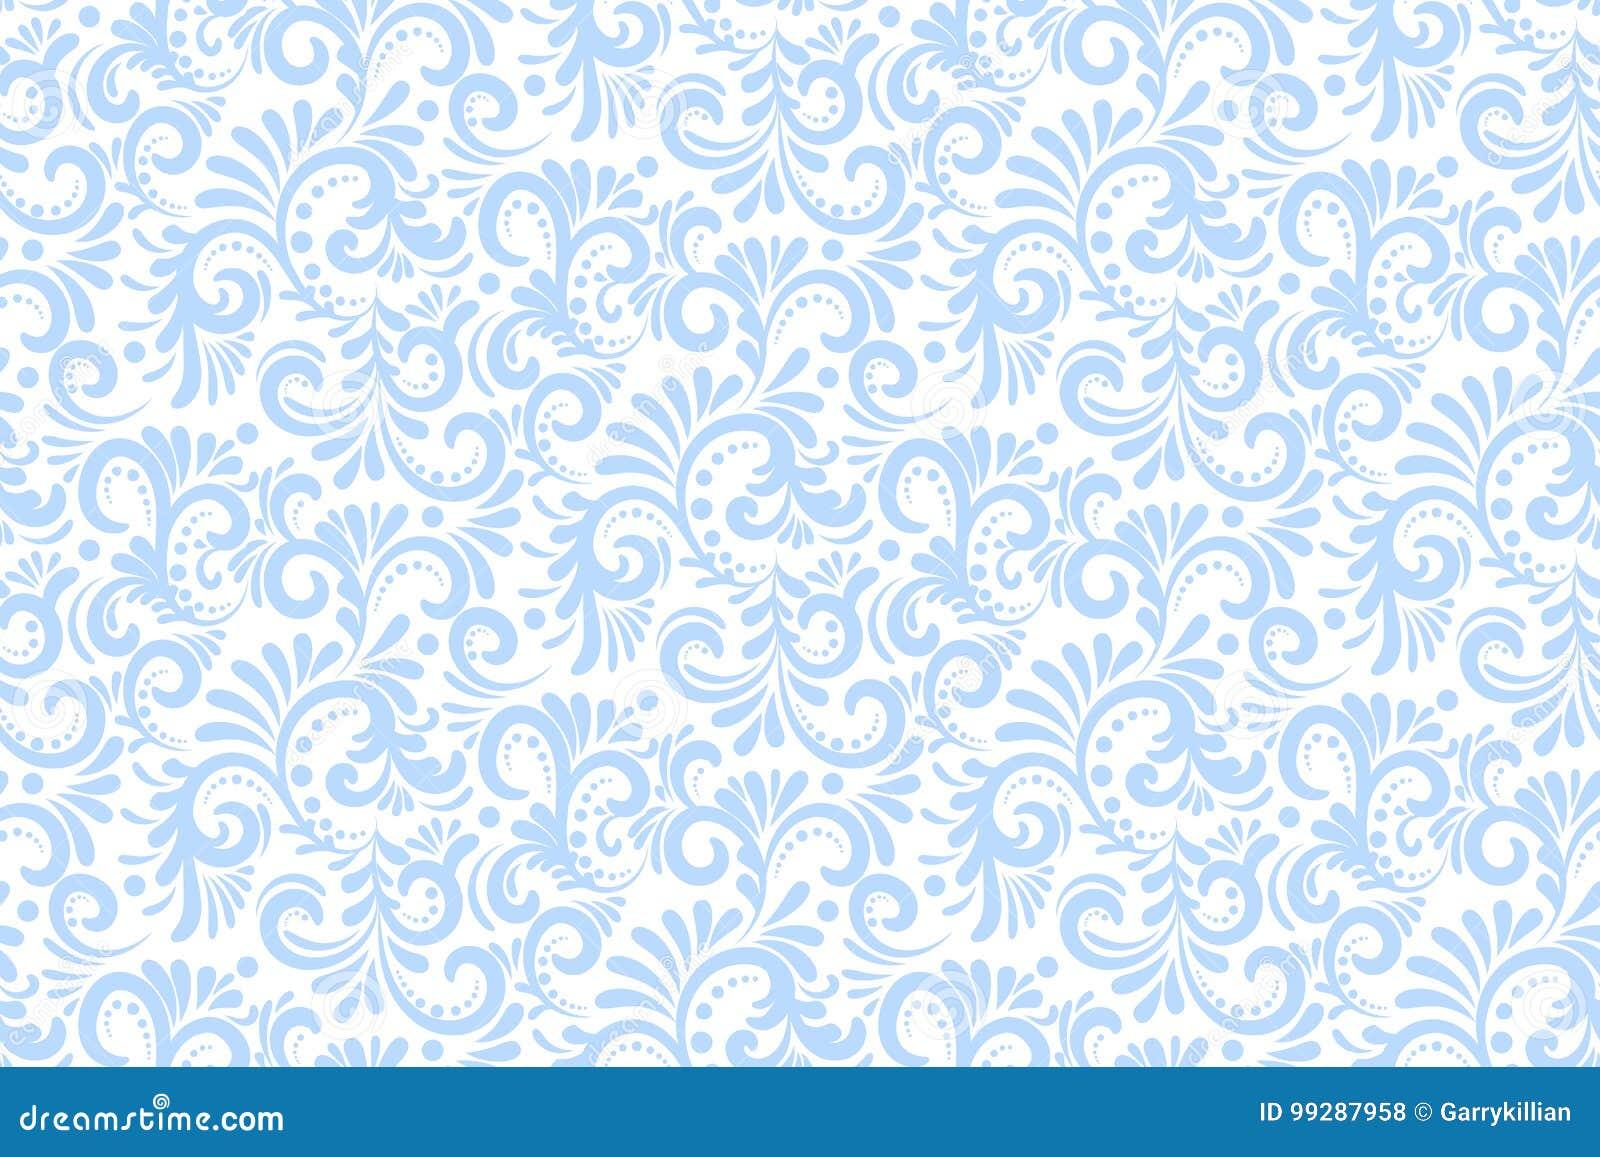 Nahtloser Musterhintergrund der Vektorblume Elegante Beschaffenheit für Hintergründe Klassisches altmodisches Luxusblumen